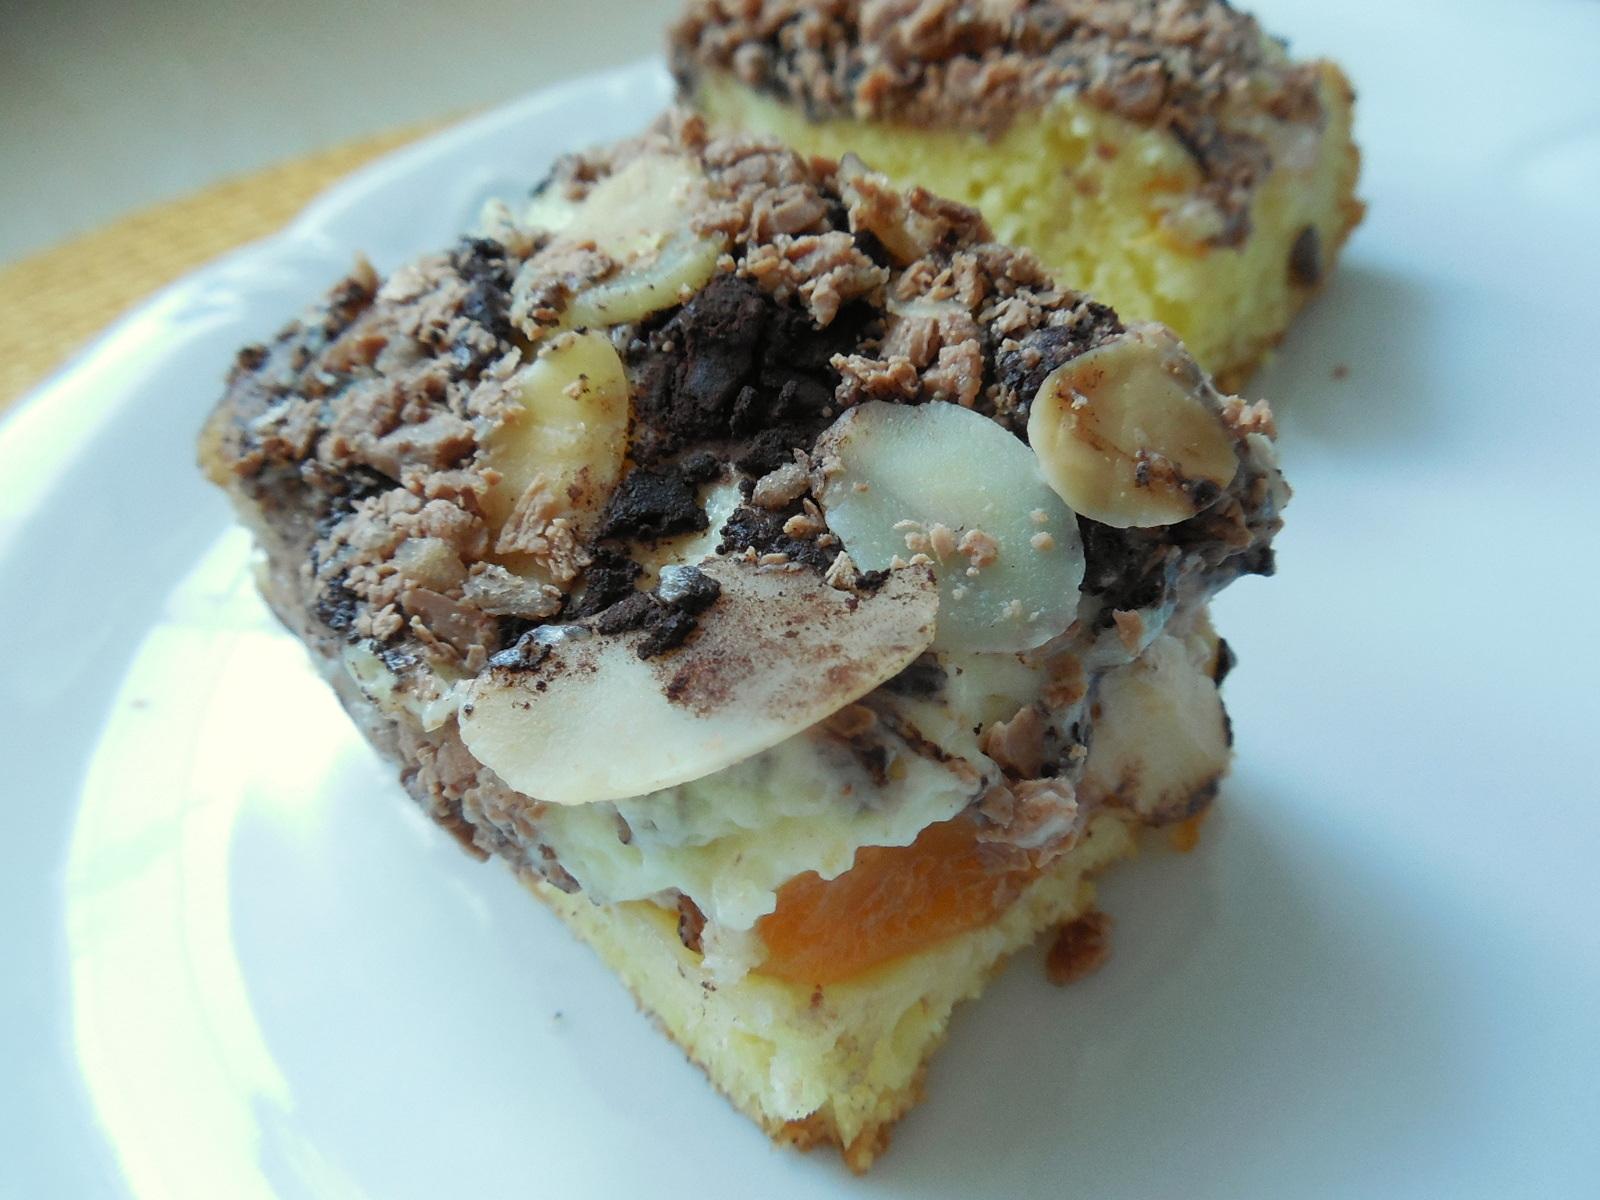 Piškotový dezert s pudinkovým krémem a mandlovými plátky